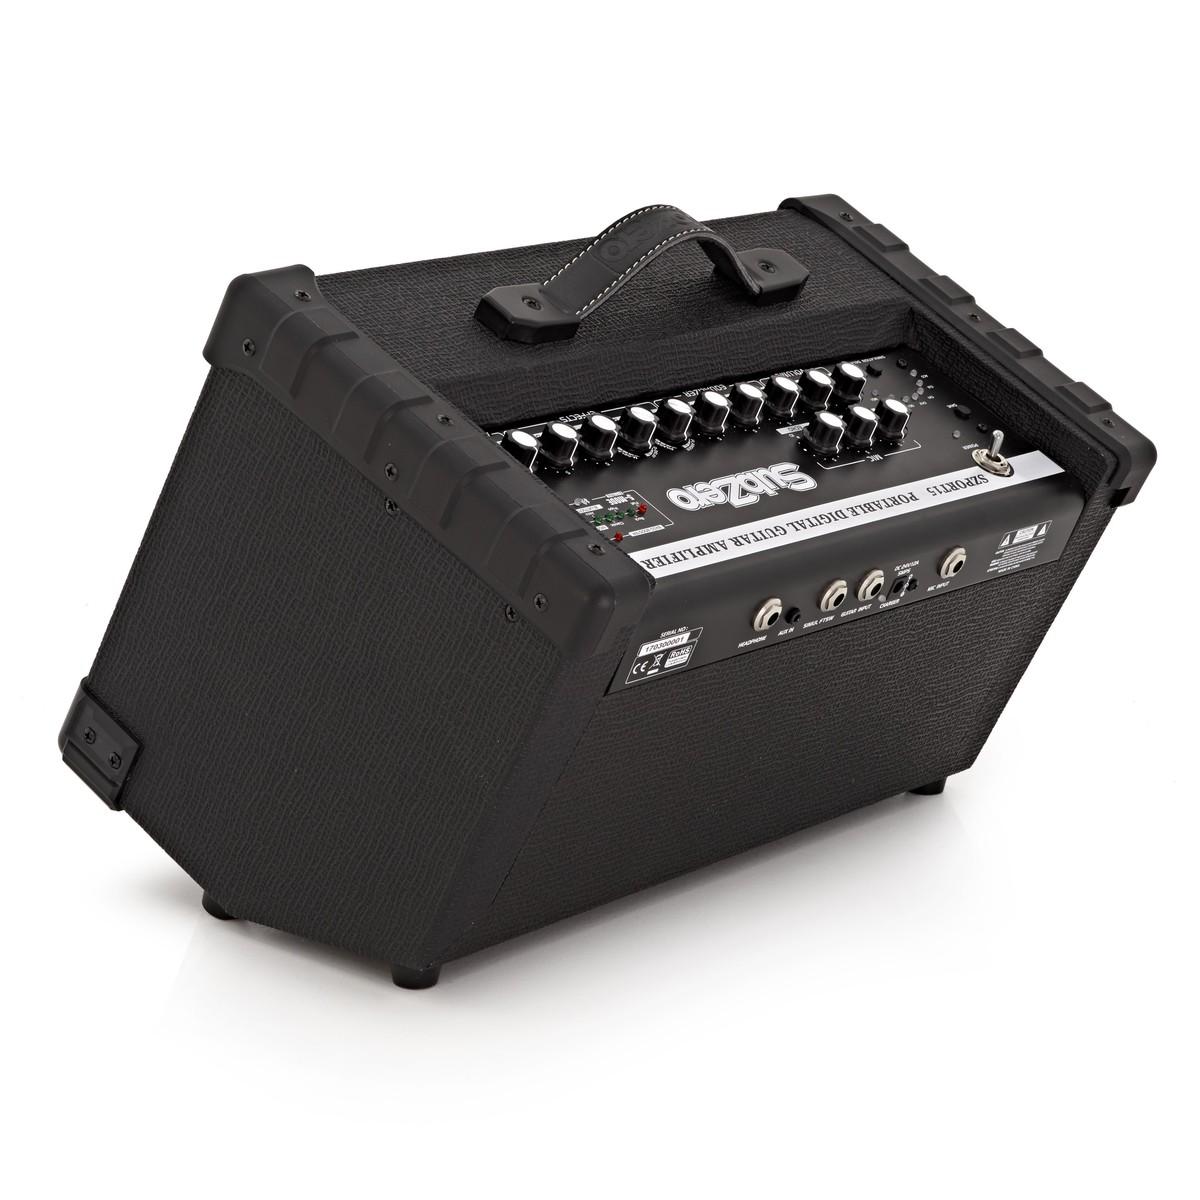 SubZero Amplificador Digital Recargable con Bluetooth en Gear4Music.com